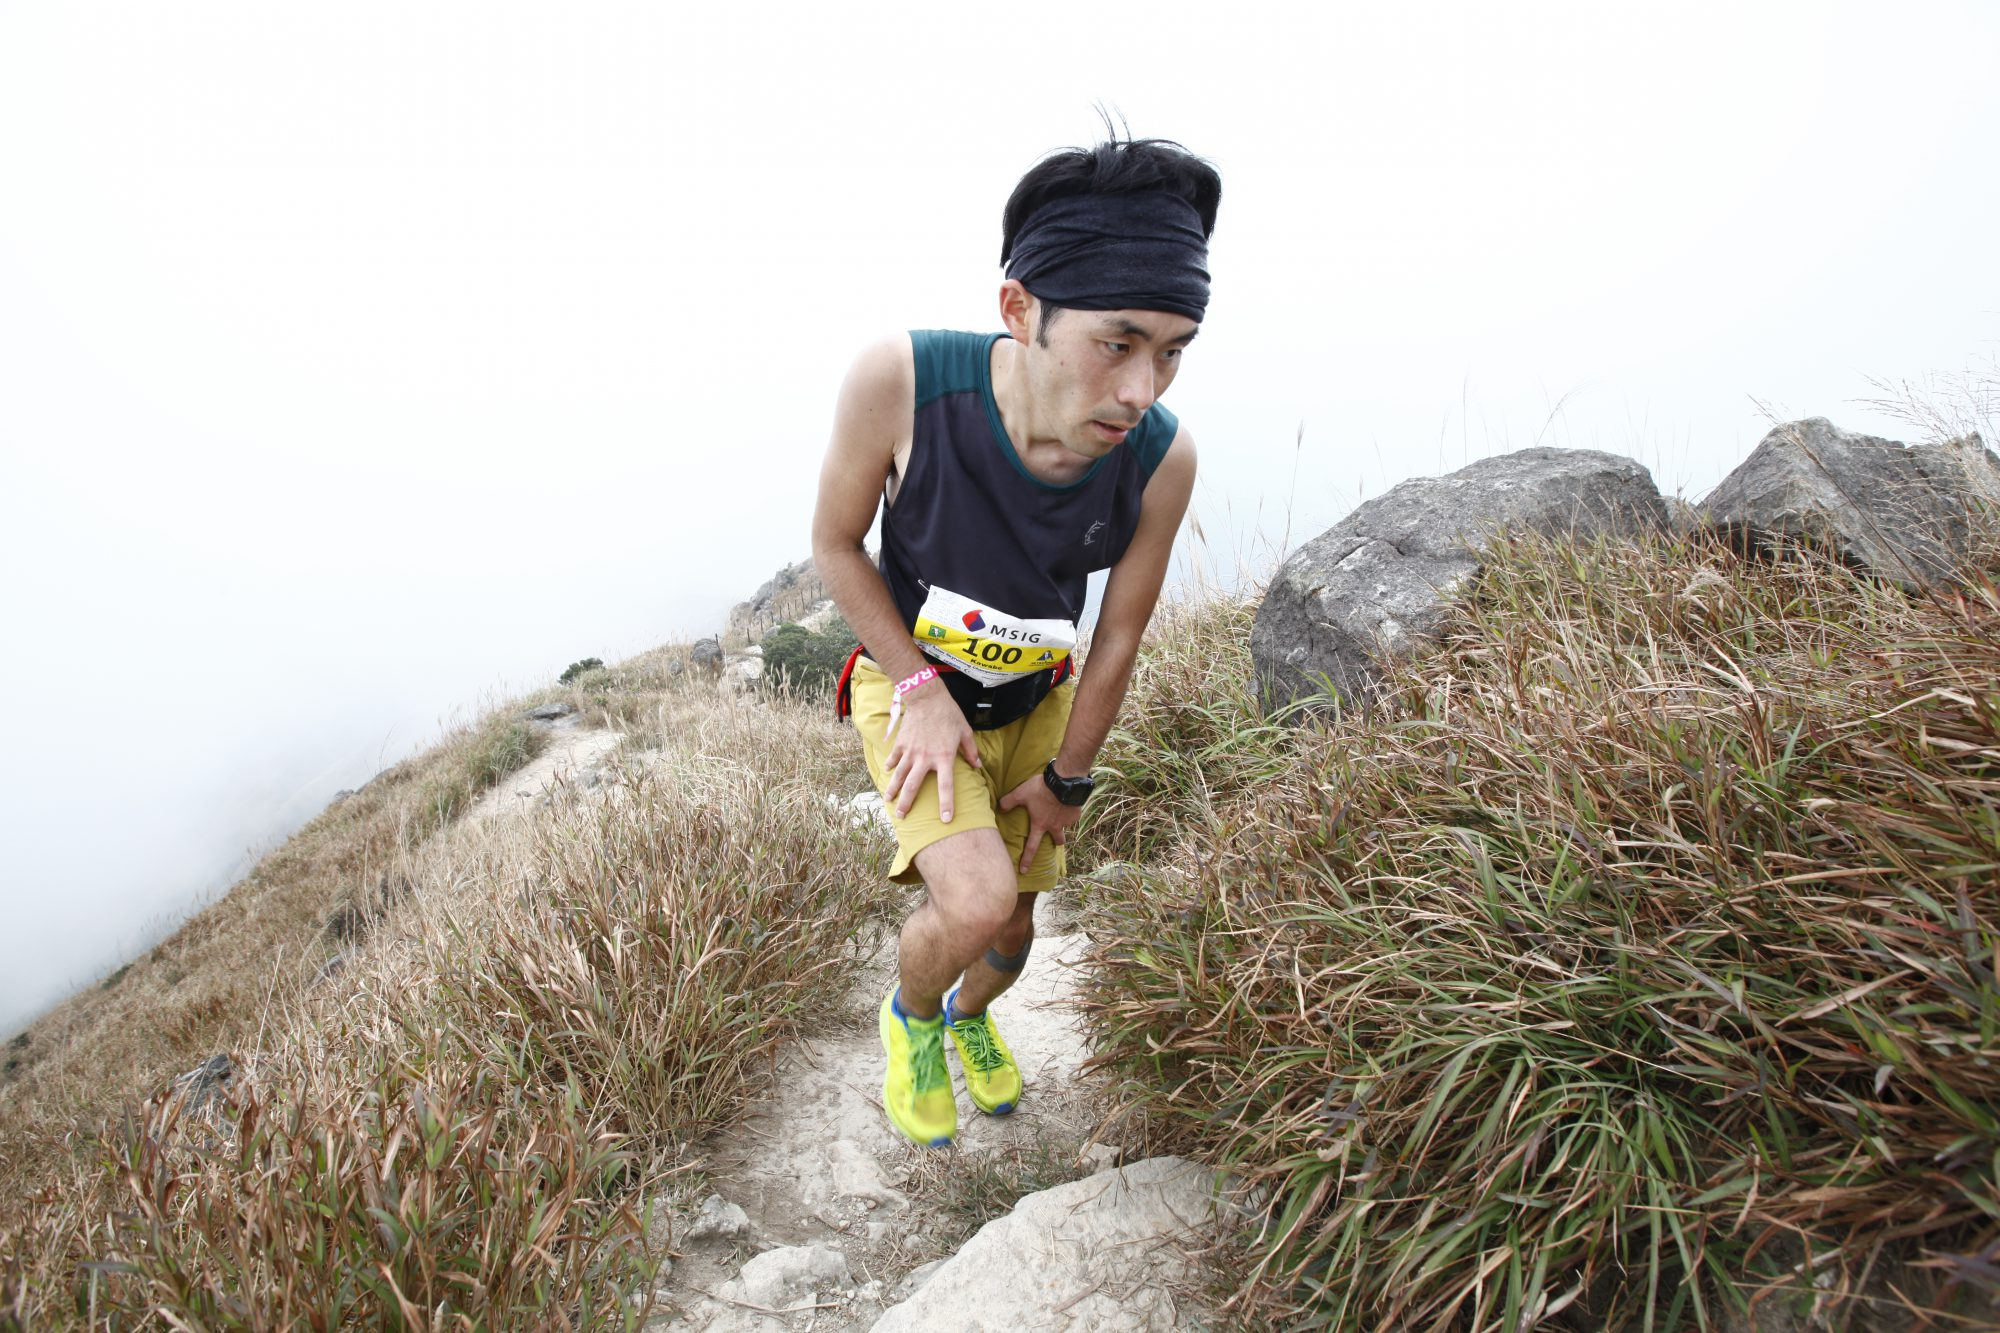 急峻な階段を駆け登るタフなコース。ランナーは河辺貴信 ©Action Asia Events